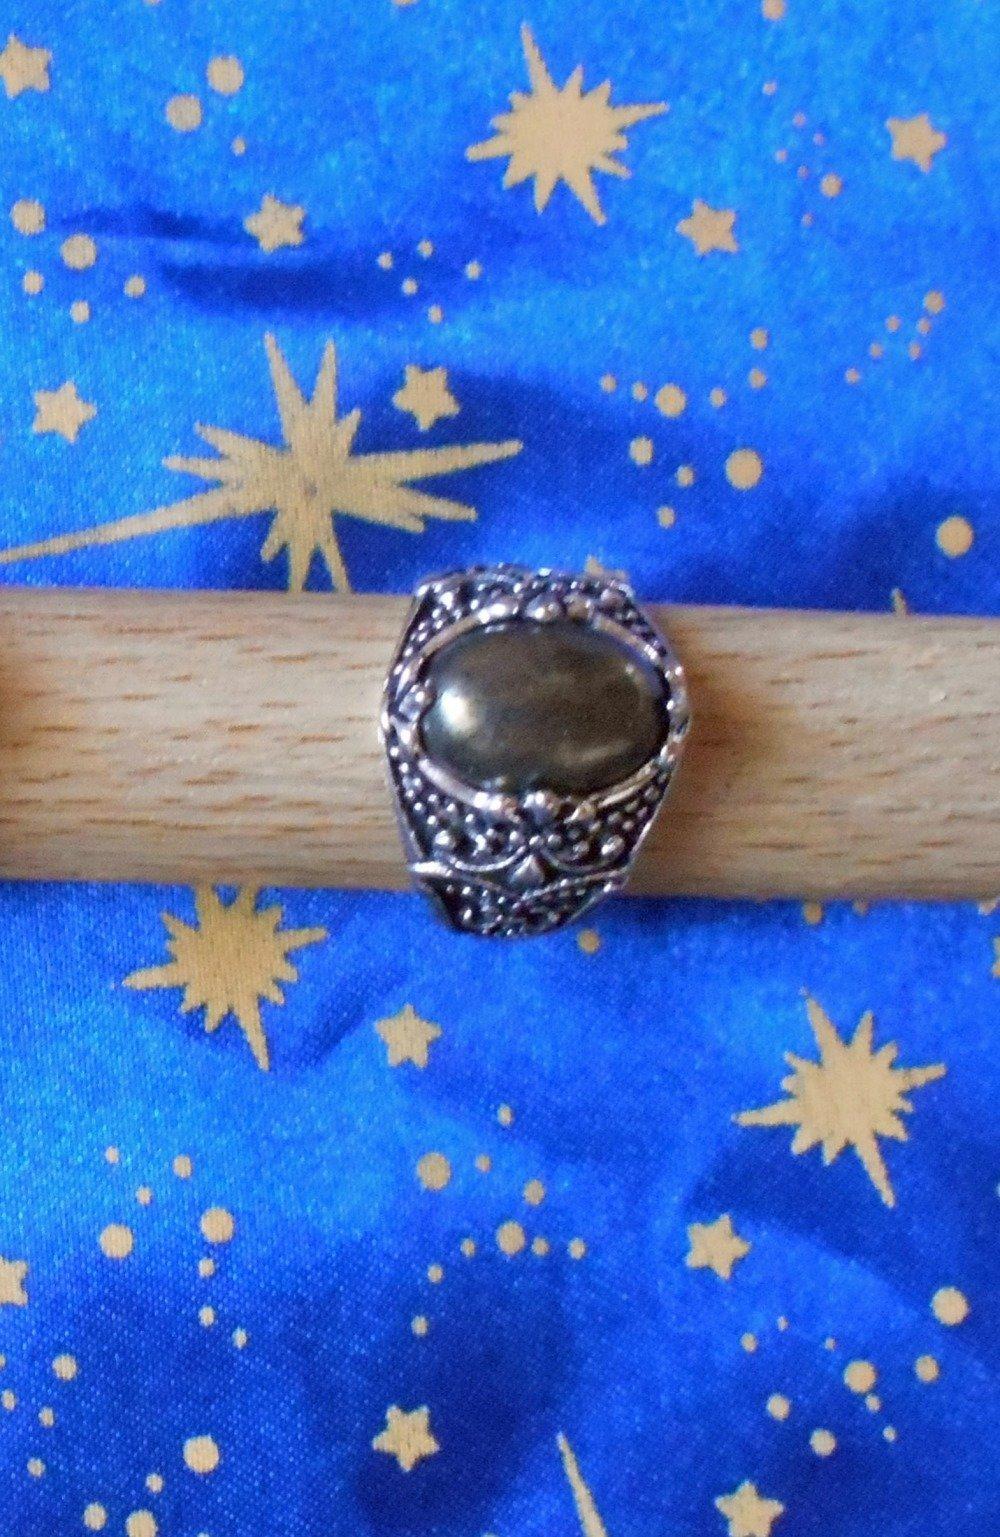 Chevalière en alliage argent/étain, motif fleur de lys, avec une pyrite sertie de 10x14mm.